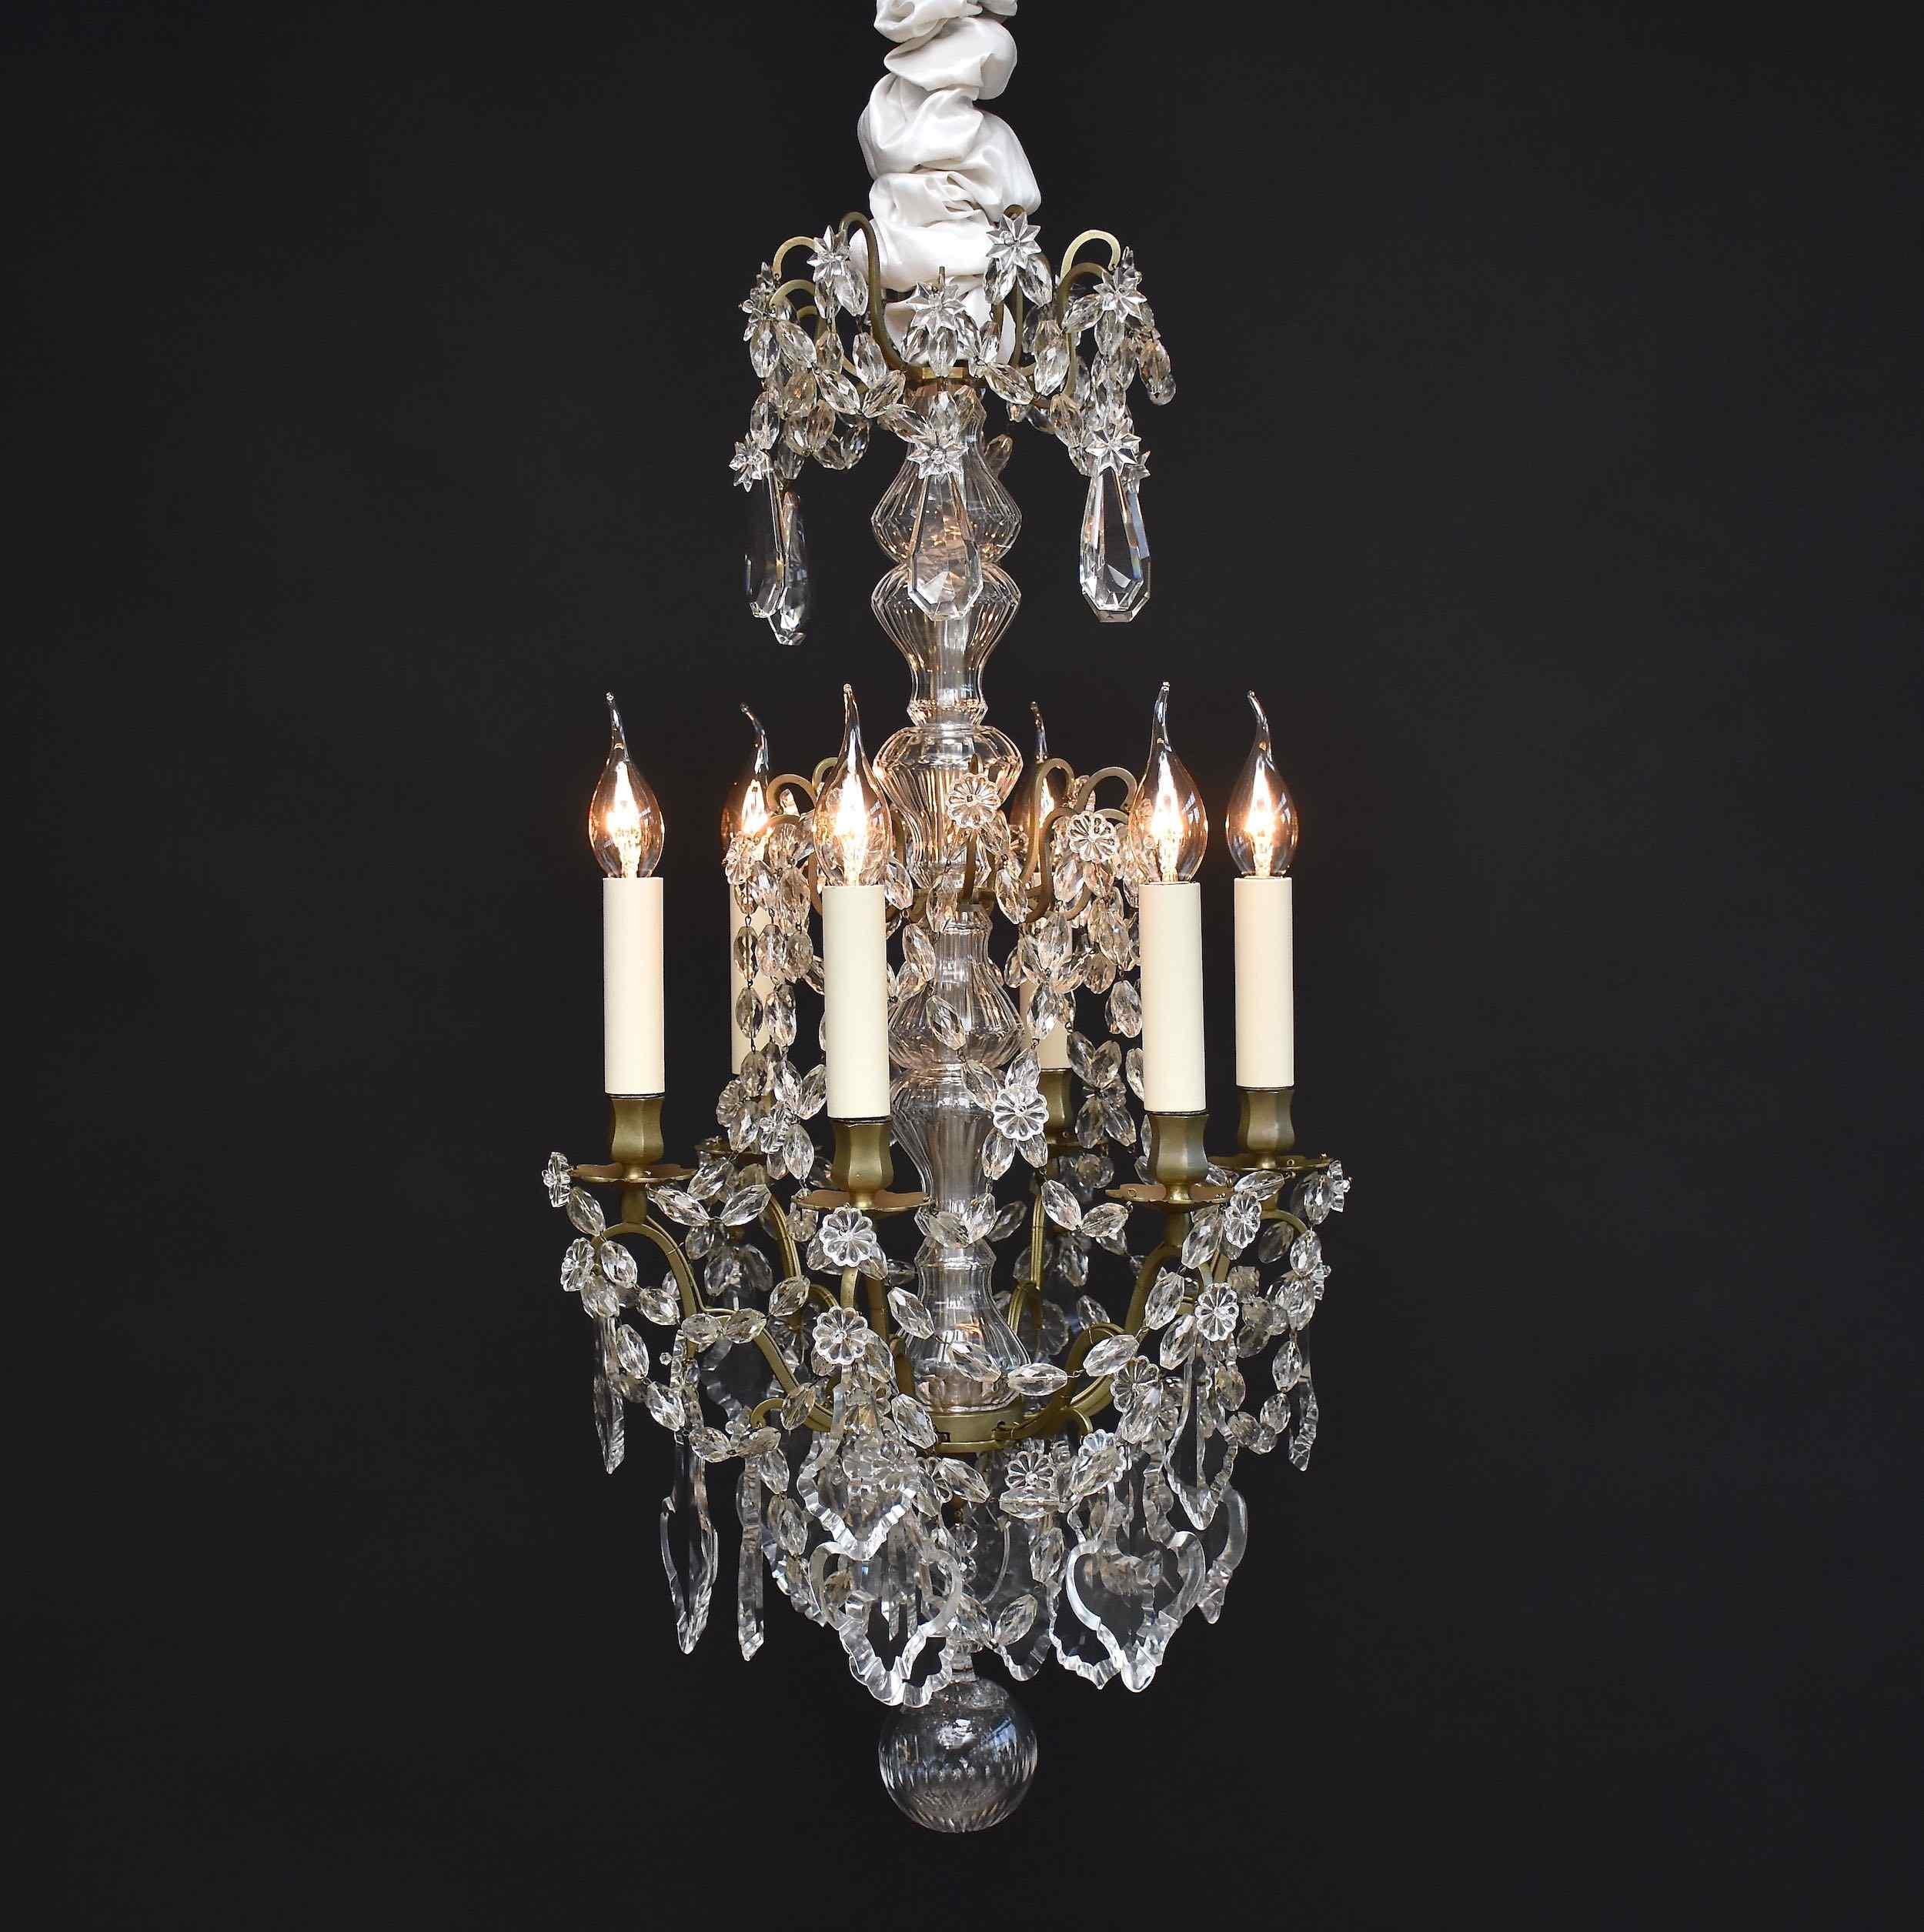 Antico lampadario francese in stile Luigi XVI